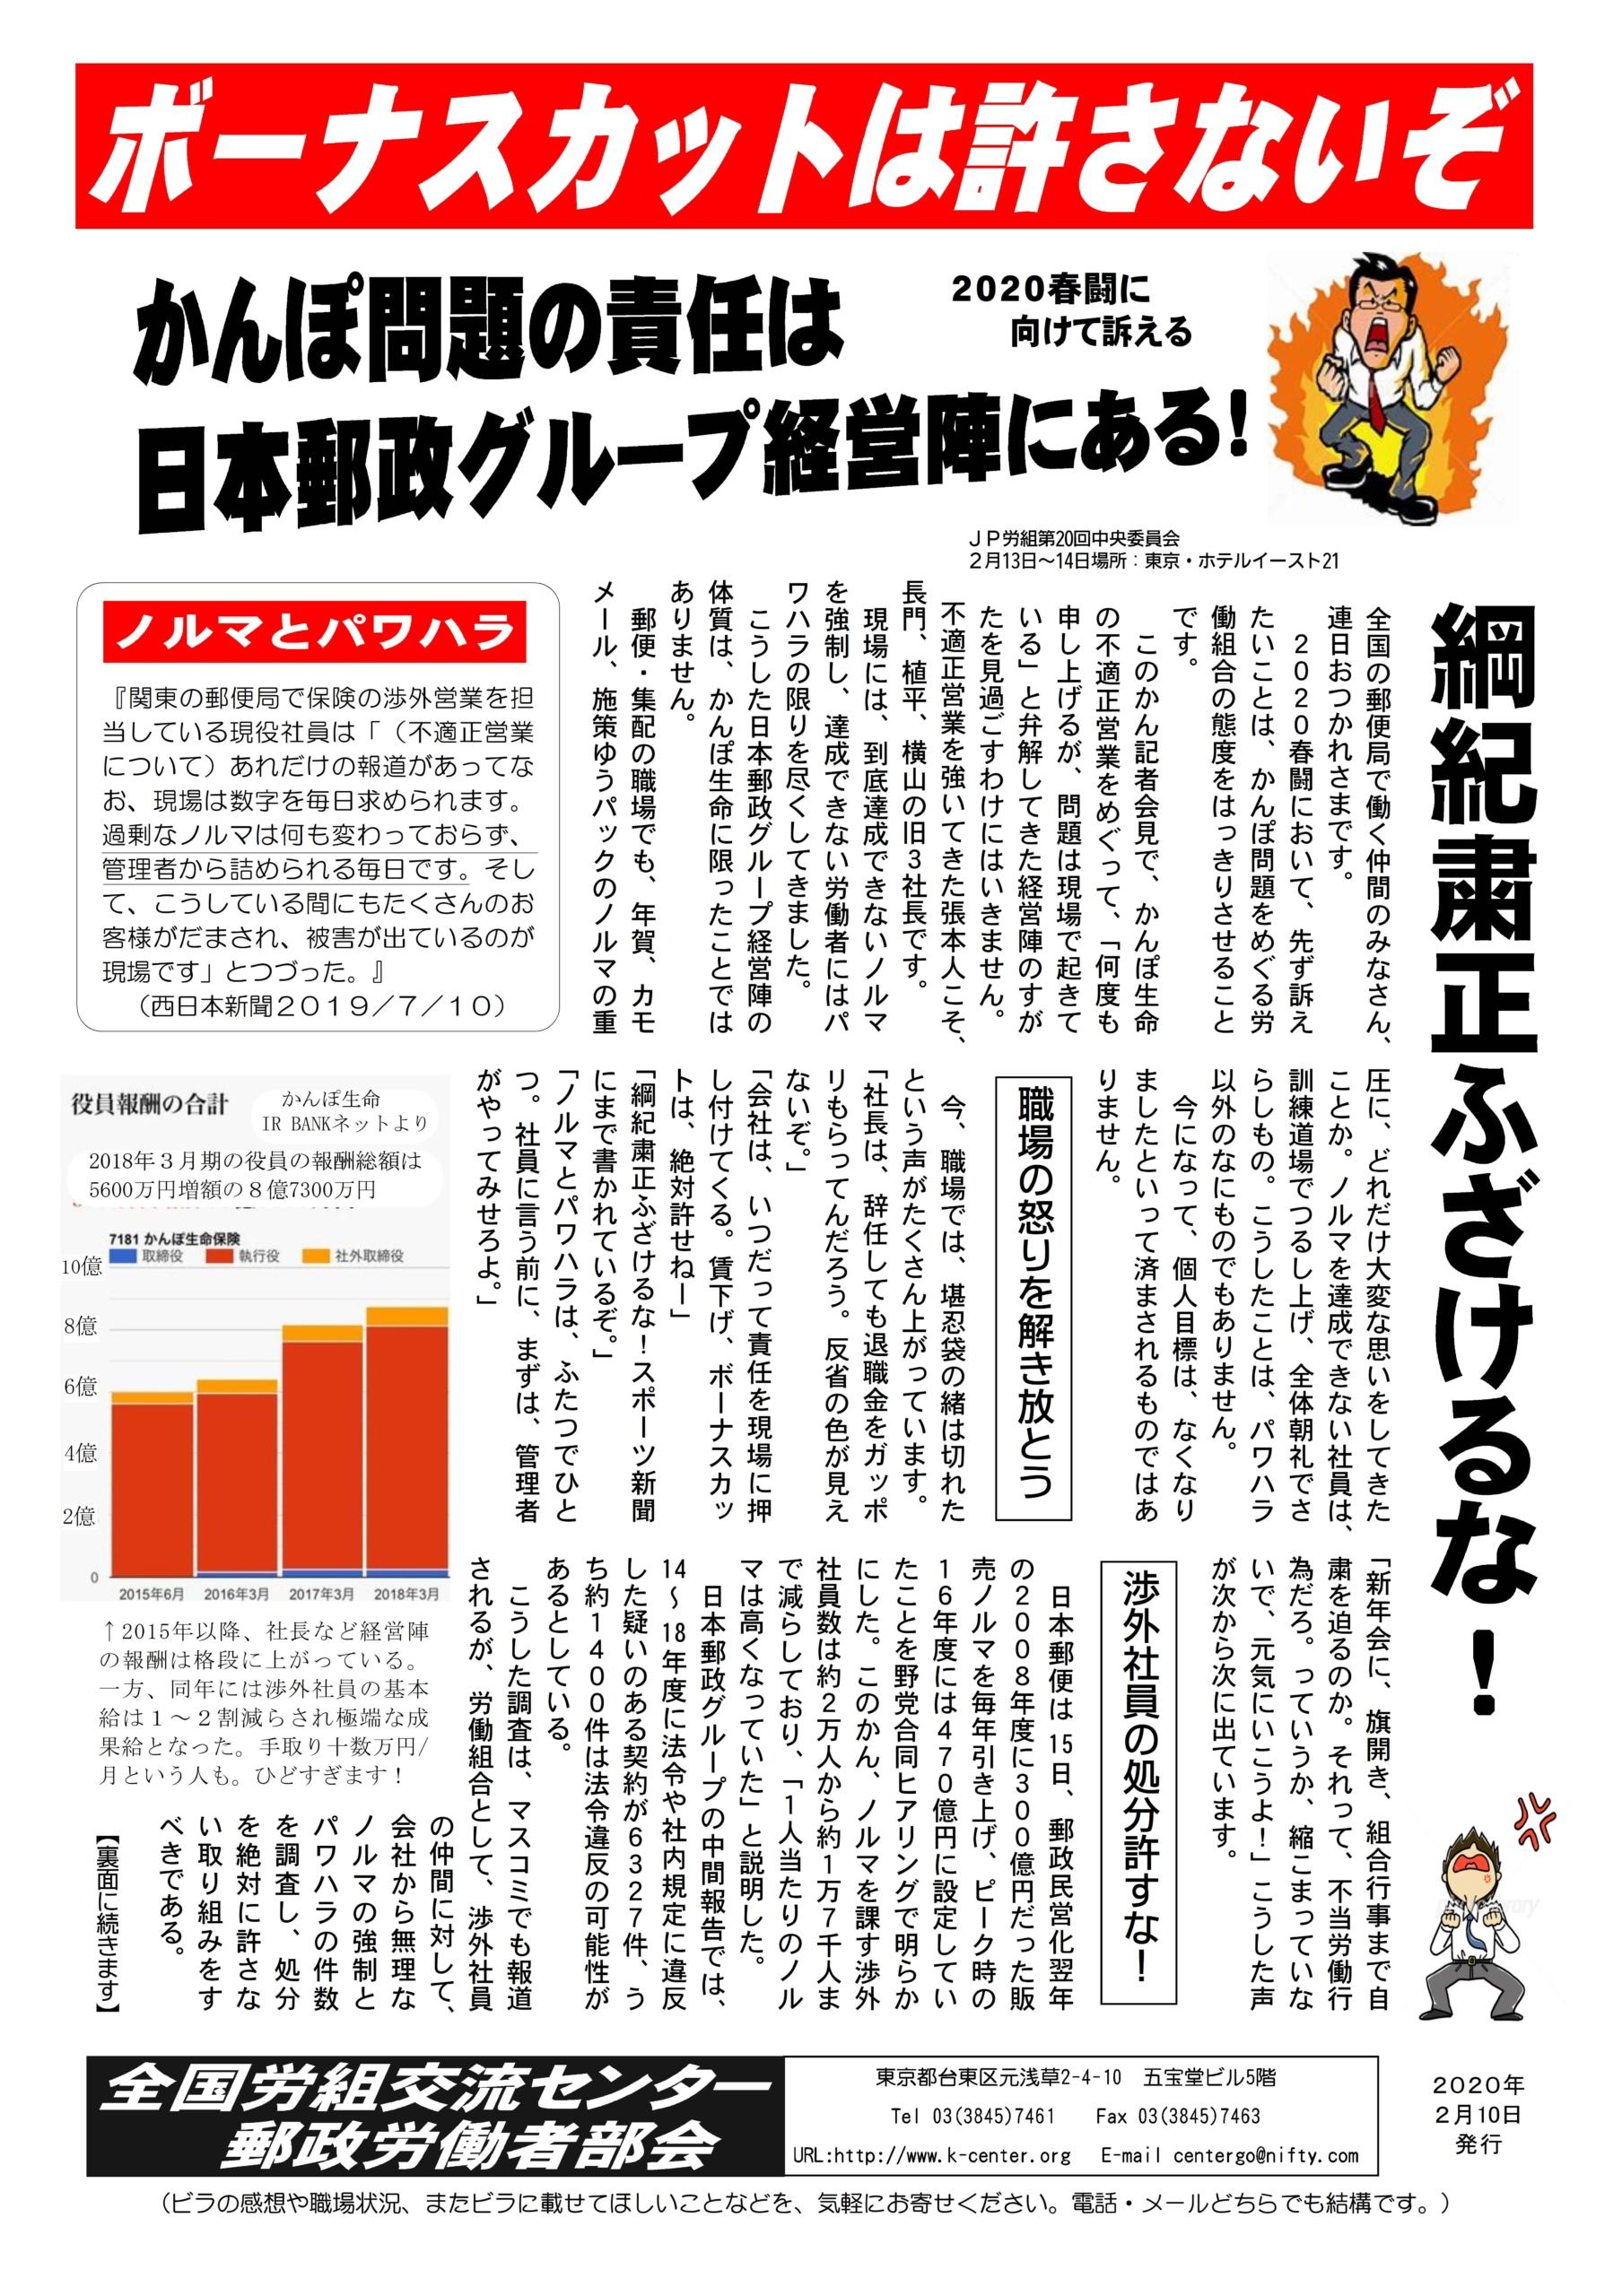 かんぽ問題の責任は日本郵政グループ経営陣にある(2020春闘に向けて訴える)